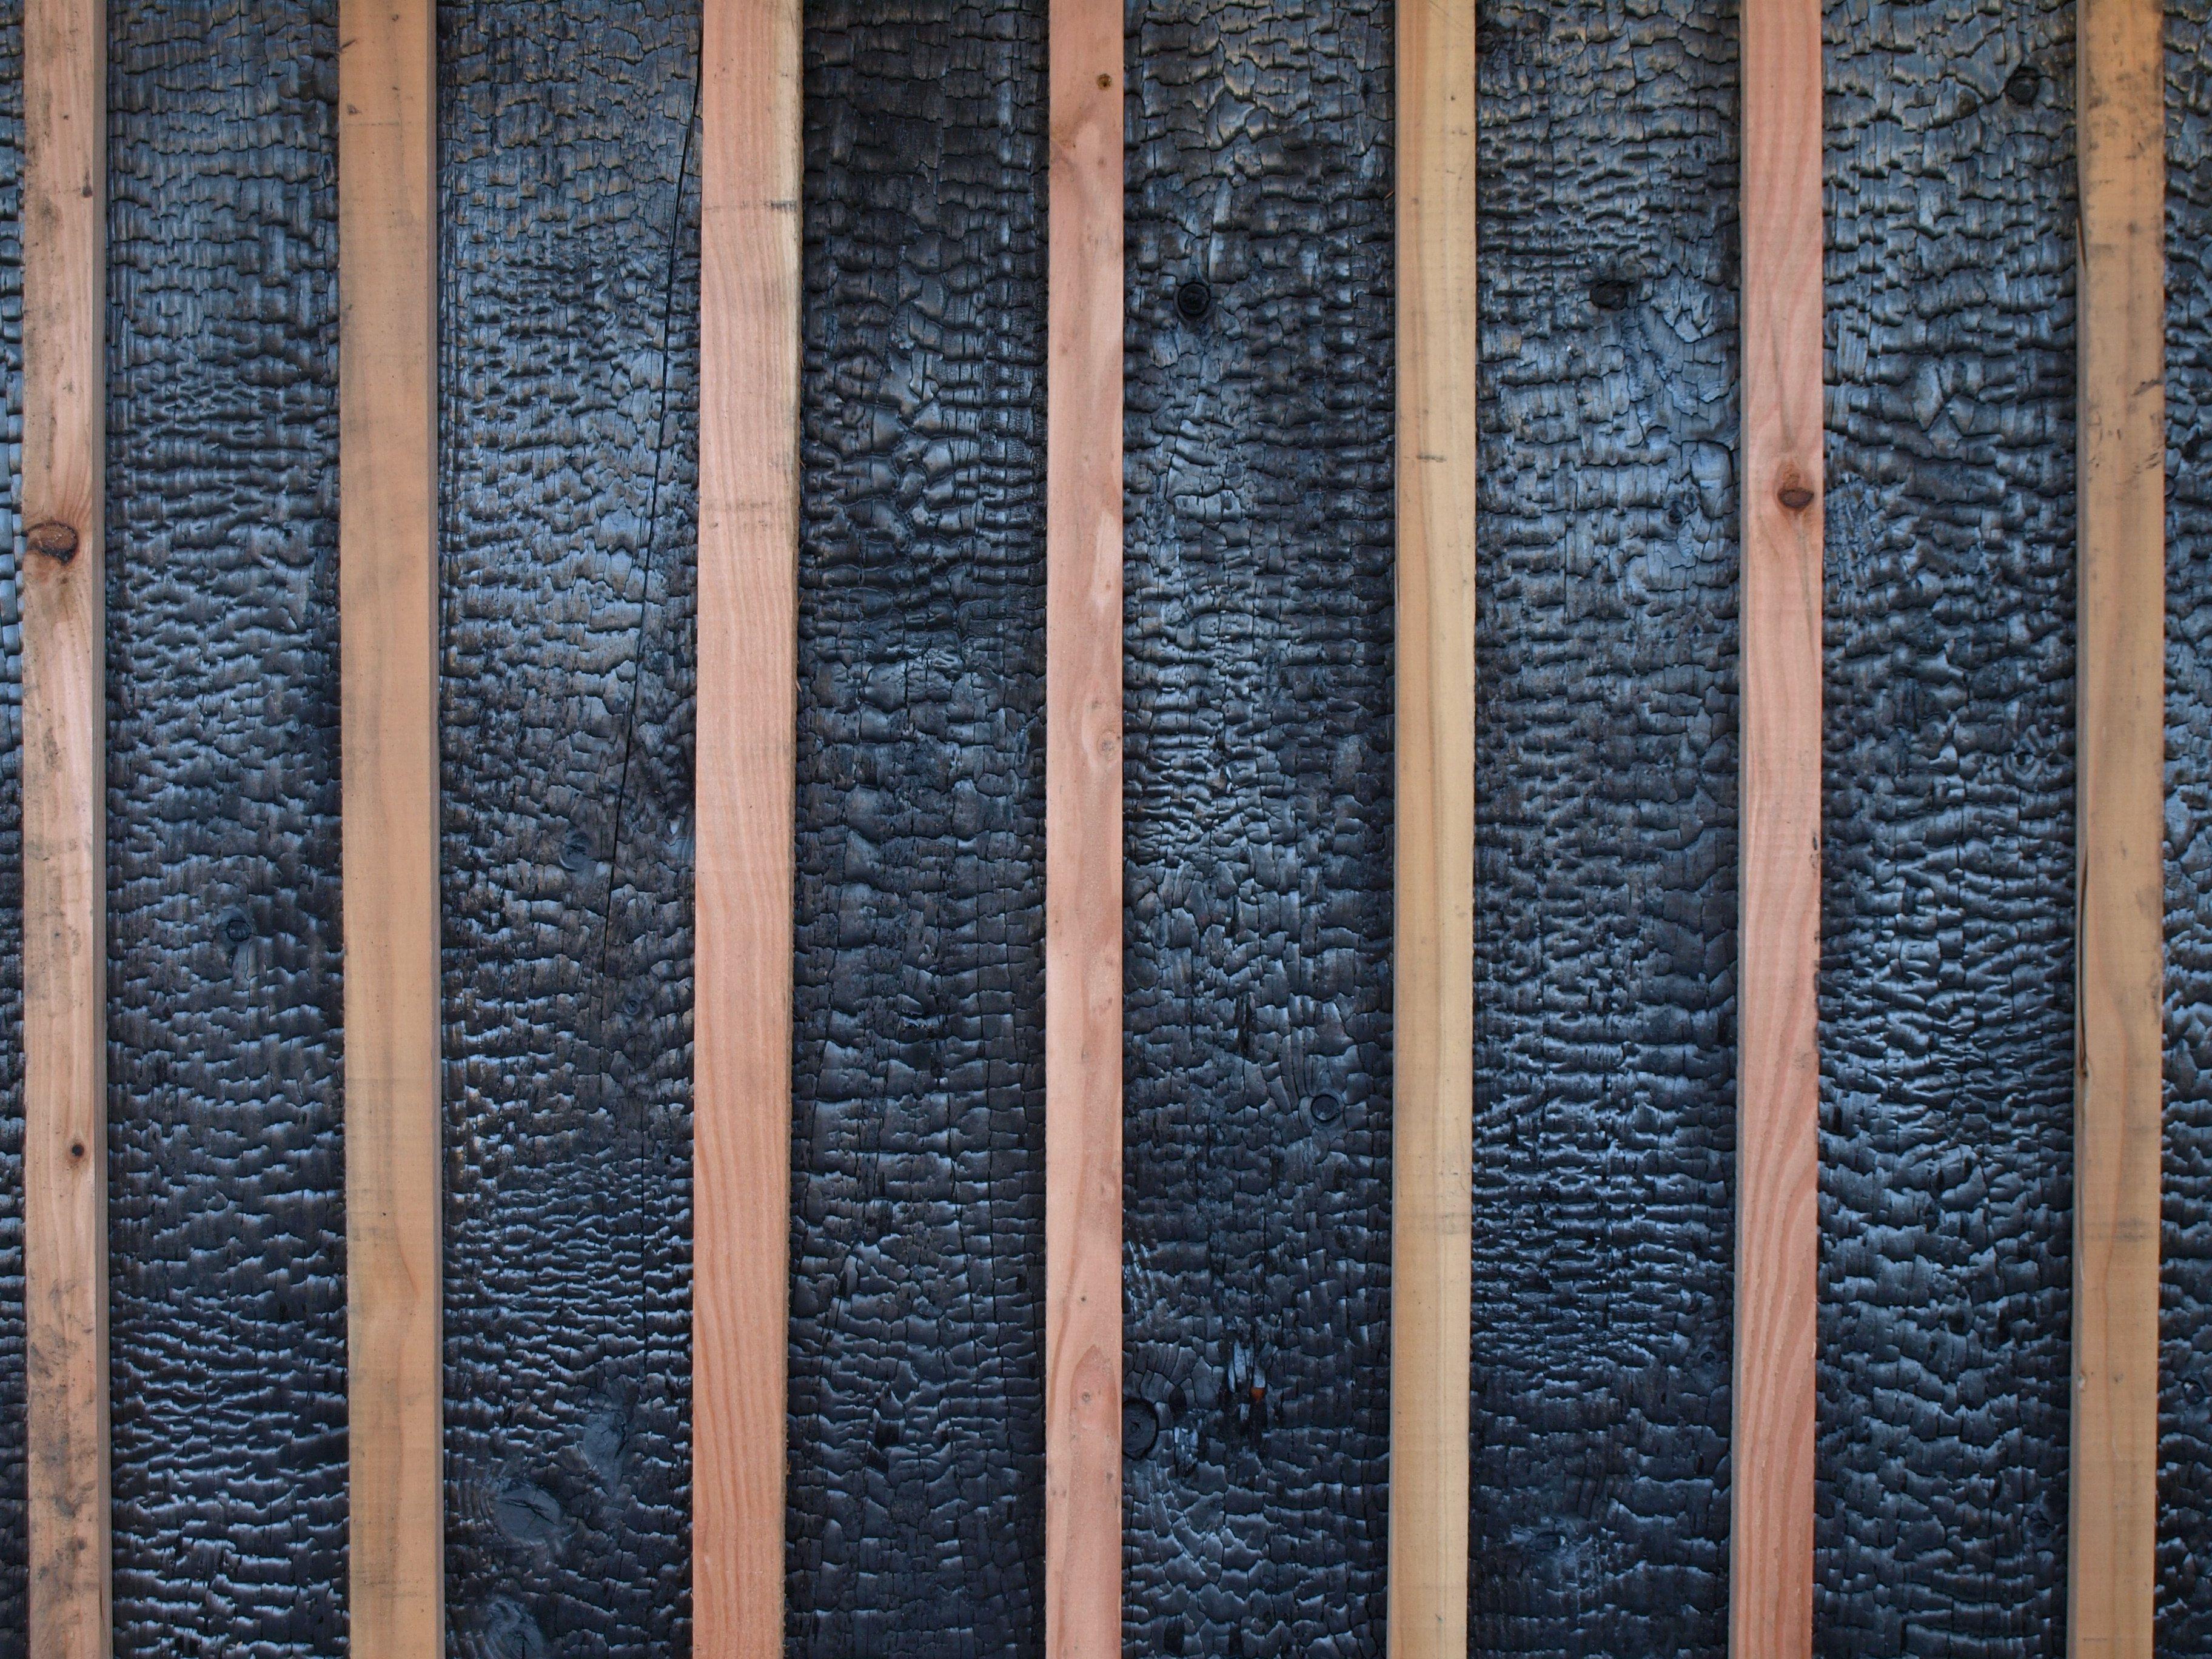 mooie combinatie dat is dat gebrande hout waarmee ik niet wil zeggen dat het dat per se moet. Black Bedroom Furniture Sets. Home Design Ideas